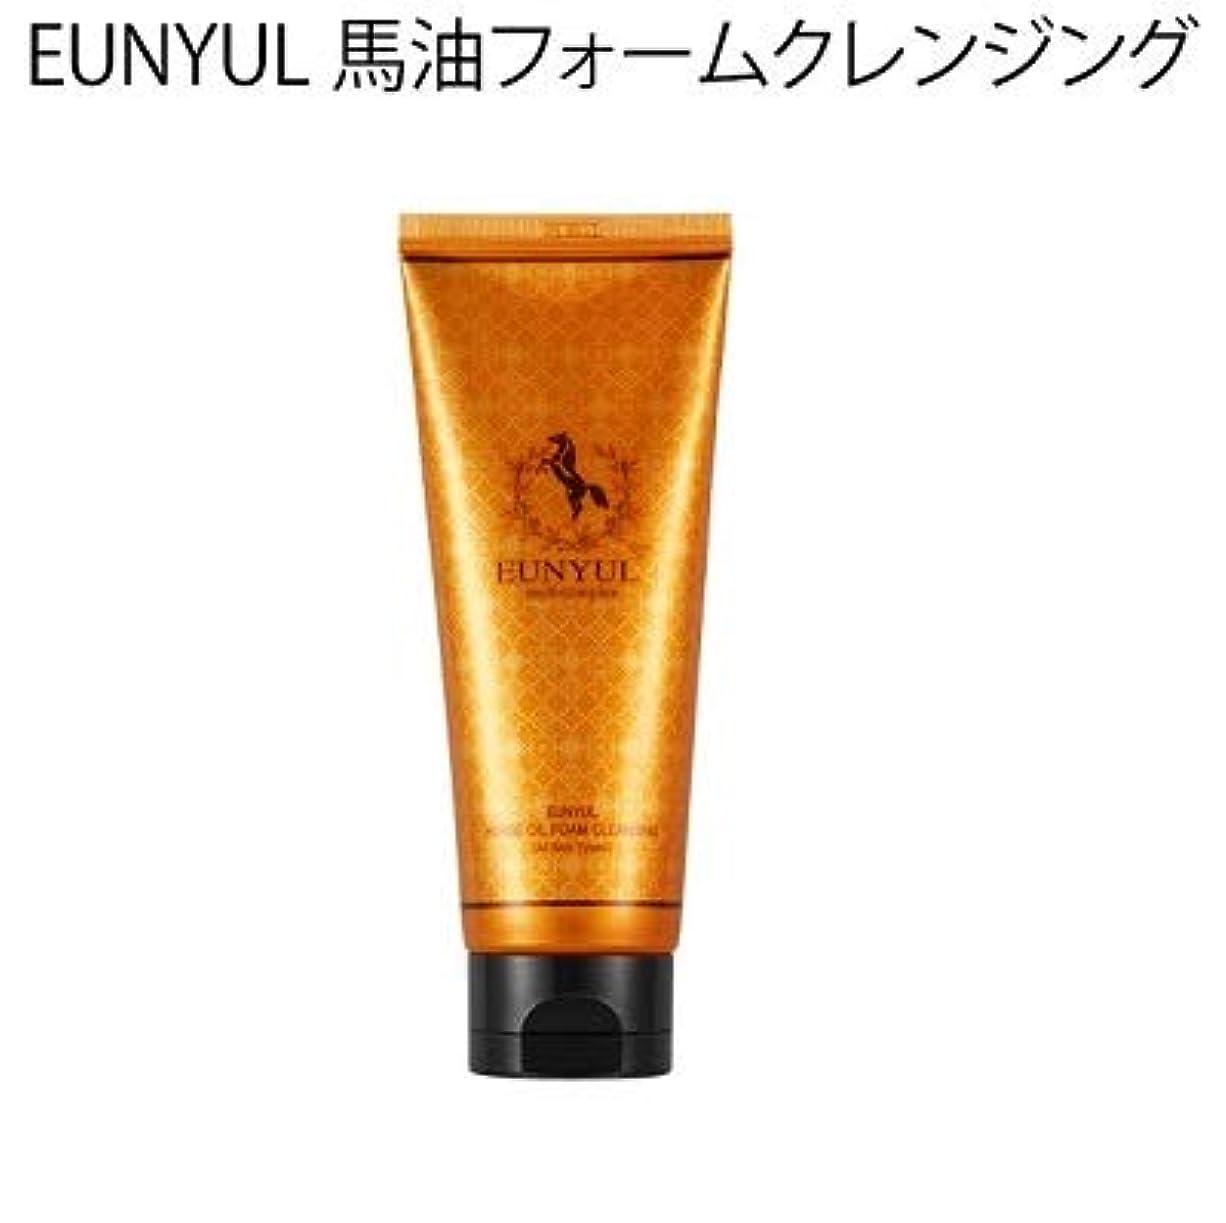 明確に立証するジャーナル韓国 EUNYUL 馬油フォームクレンジング 洗顔フォーム(150ml)